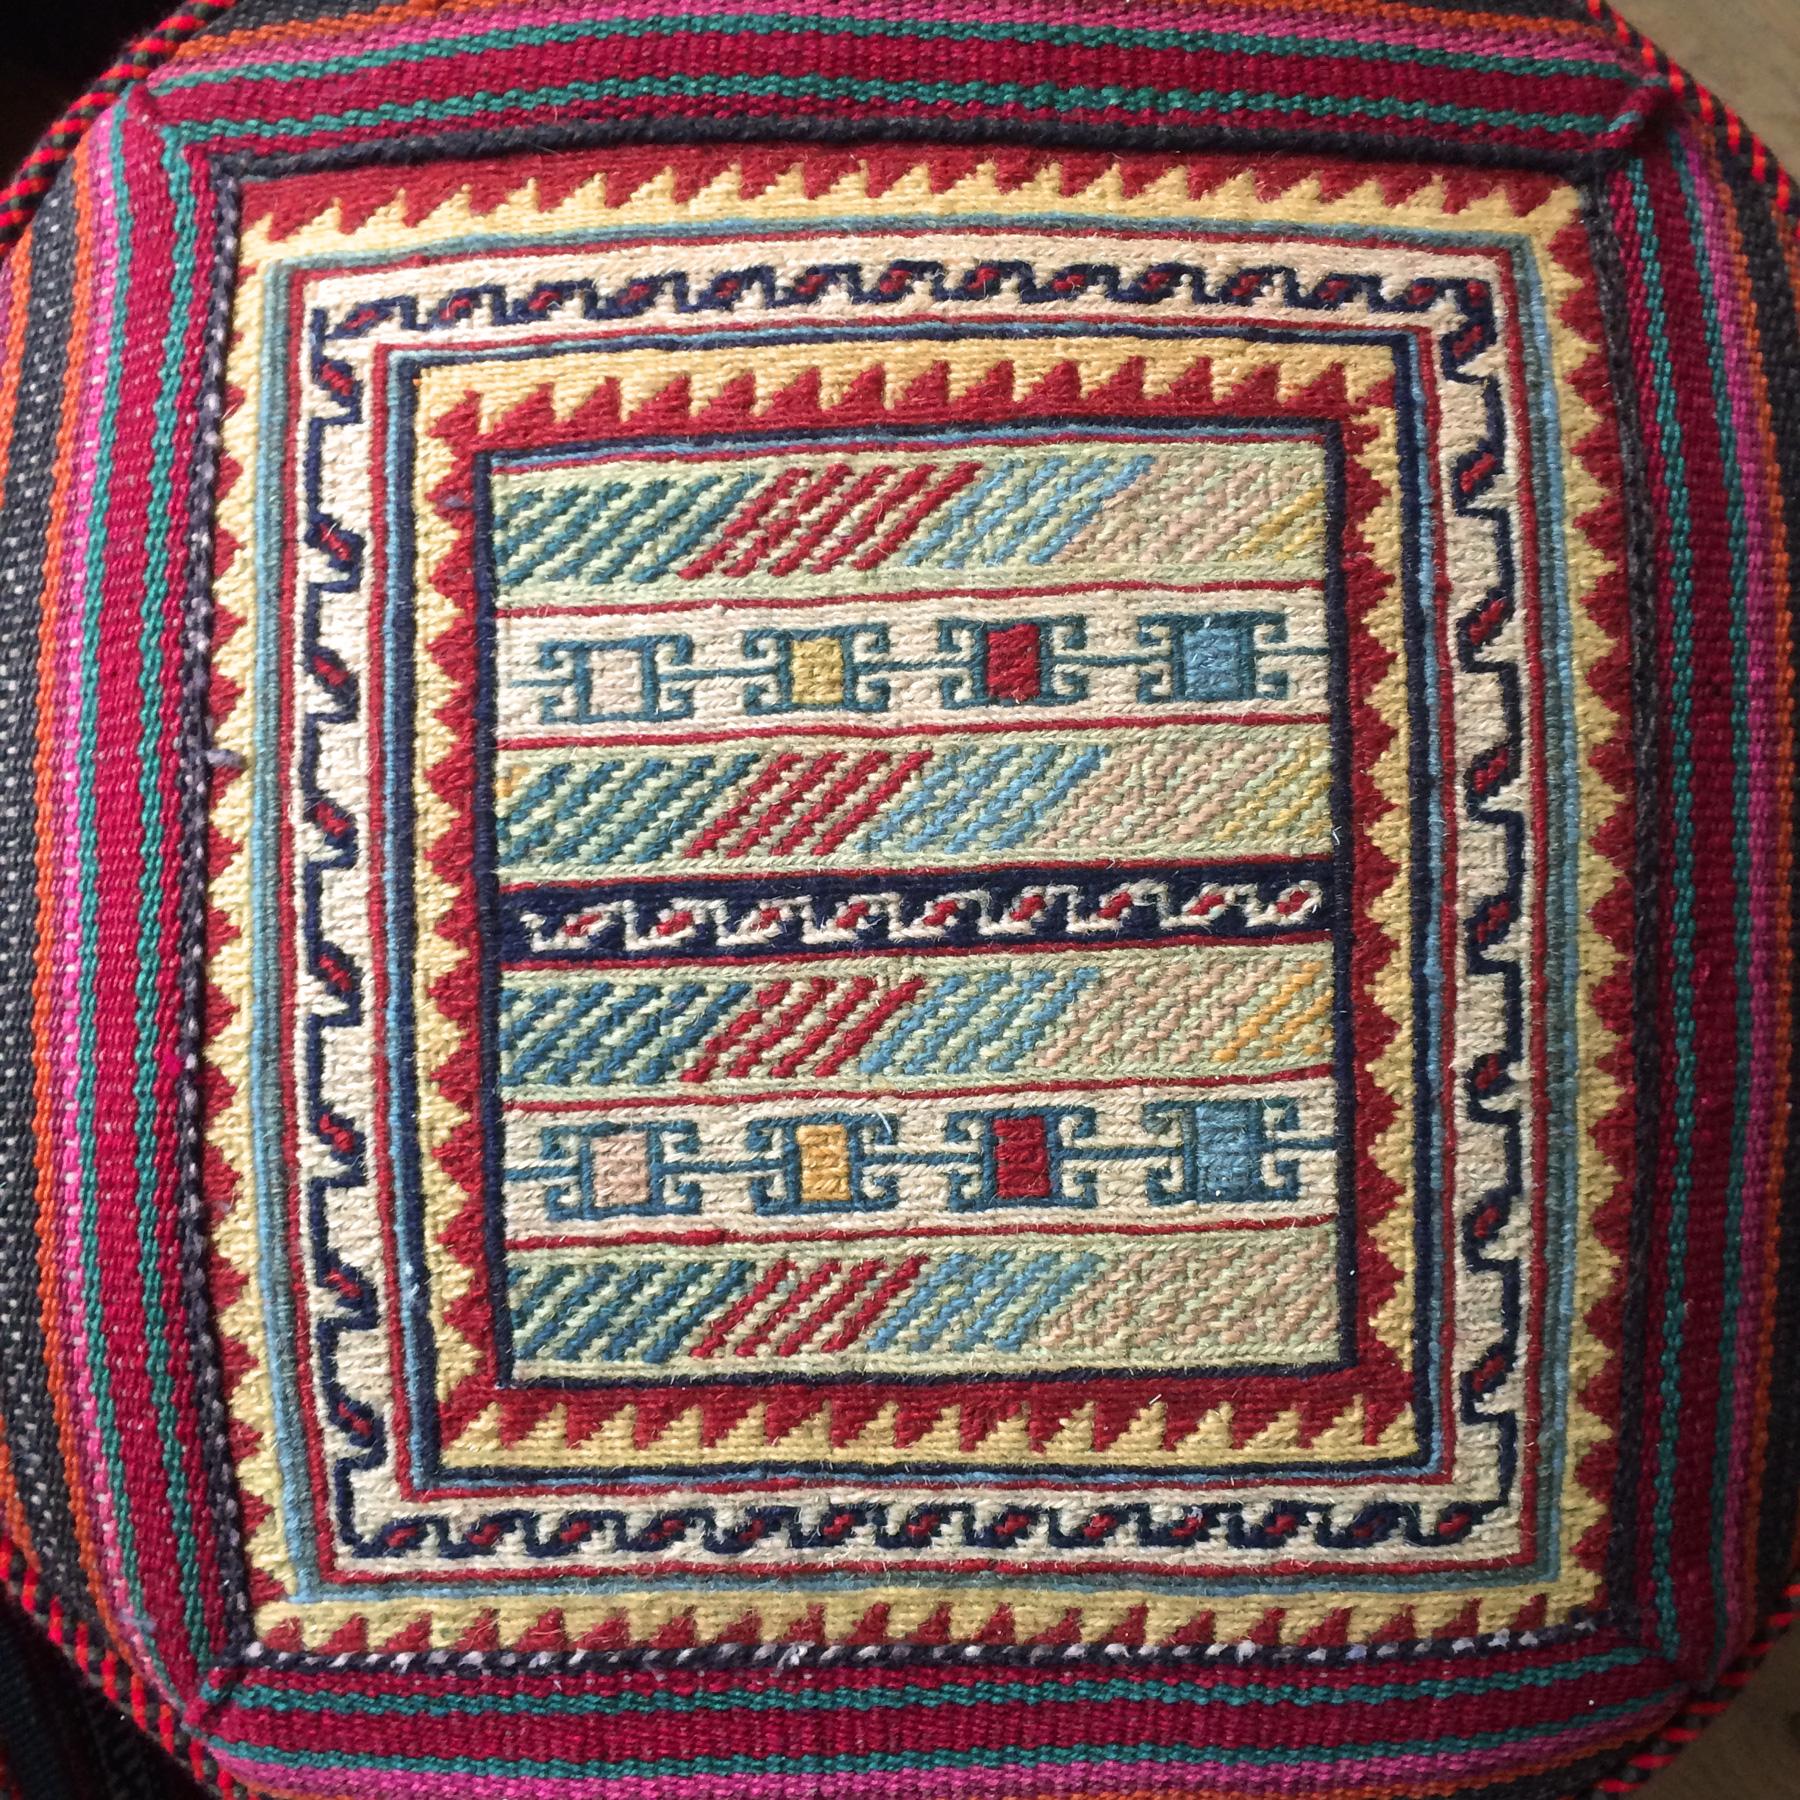 kelim tapijt poef - handgeweven ronde poef van traditioneel patchwork kilim tapijt - handgemaakt uit Iran - bohemian ethnic chic - voor een wereldse woonstijl